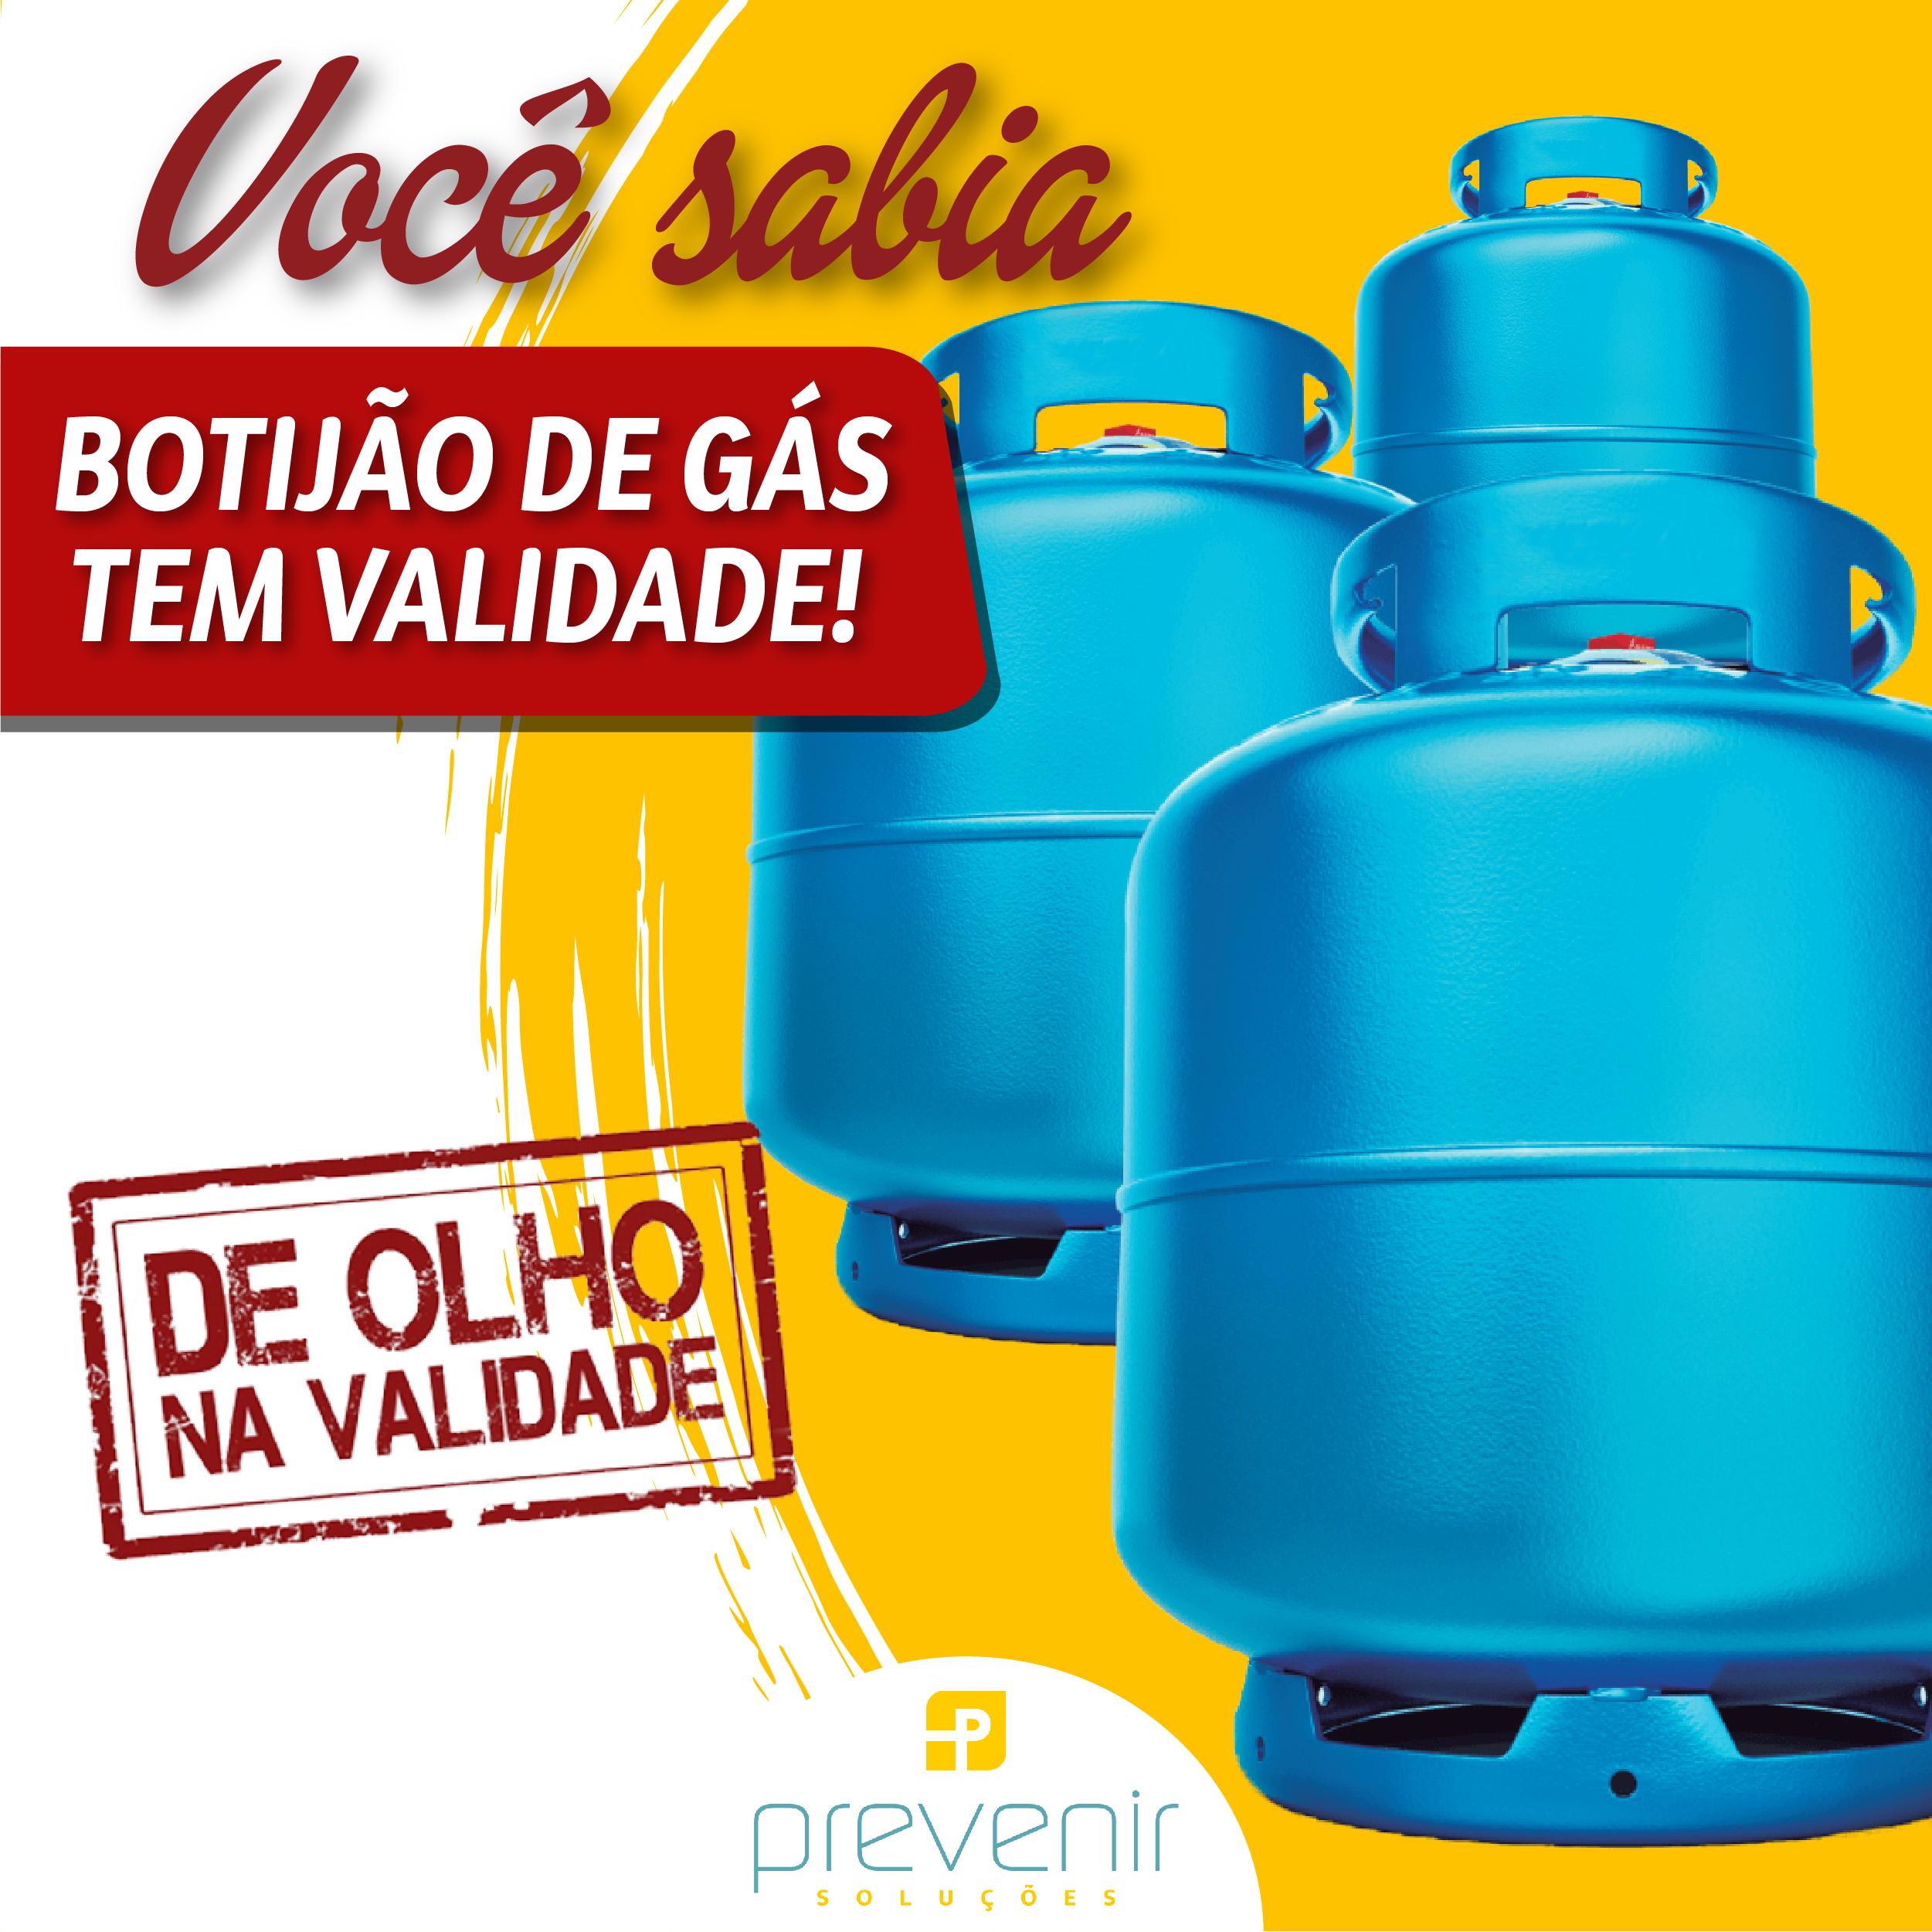 Você sabia que botijão de gás tem validade?